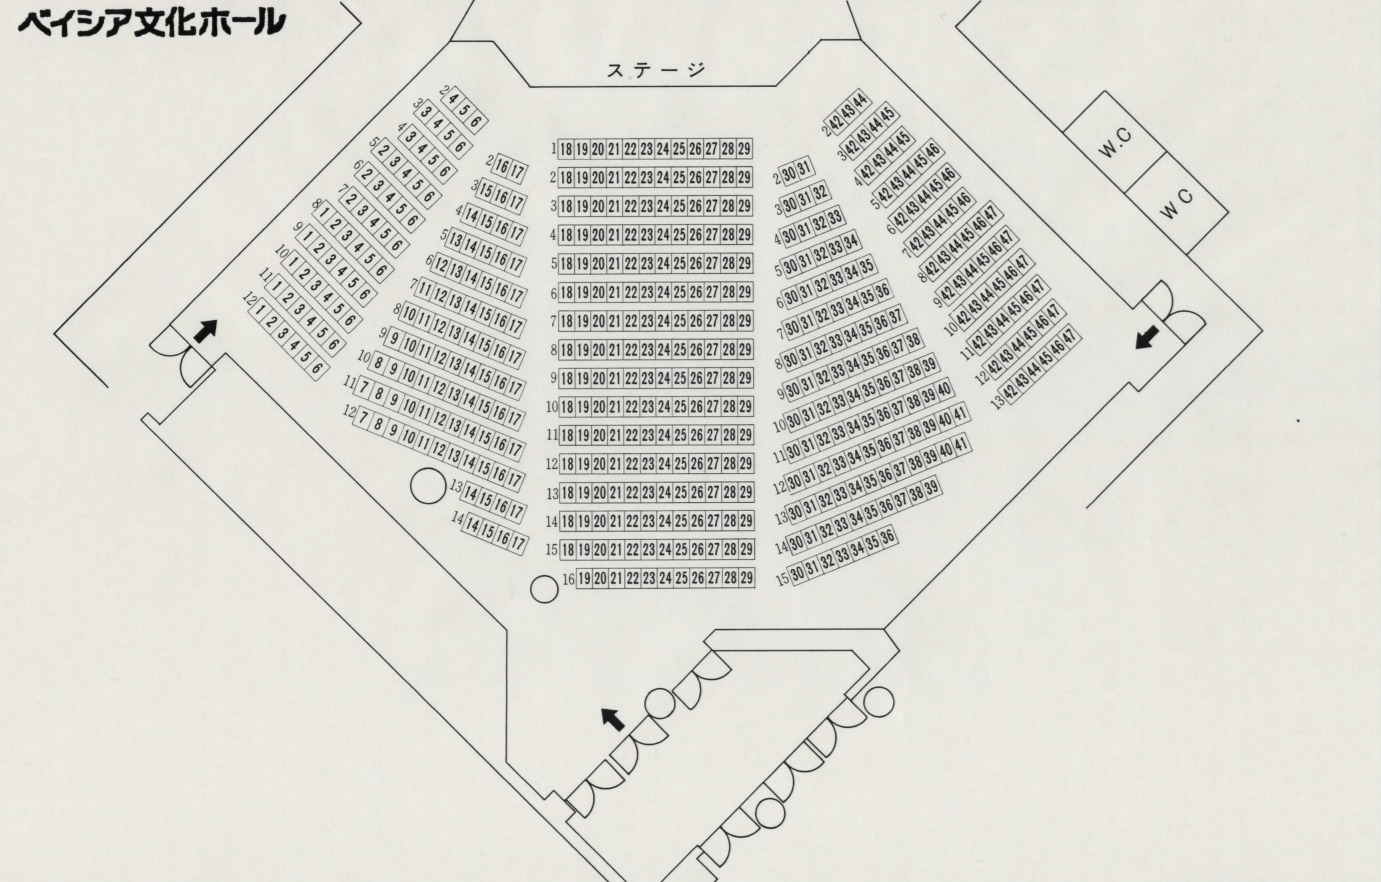 群馬県民会館小ホール座席表